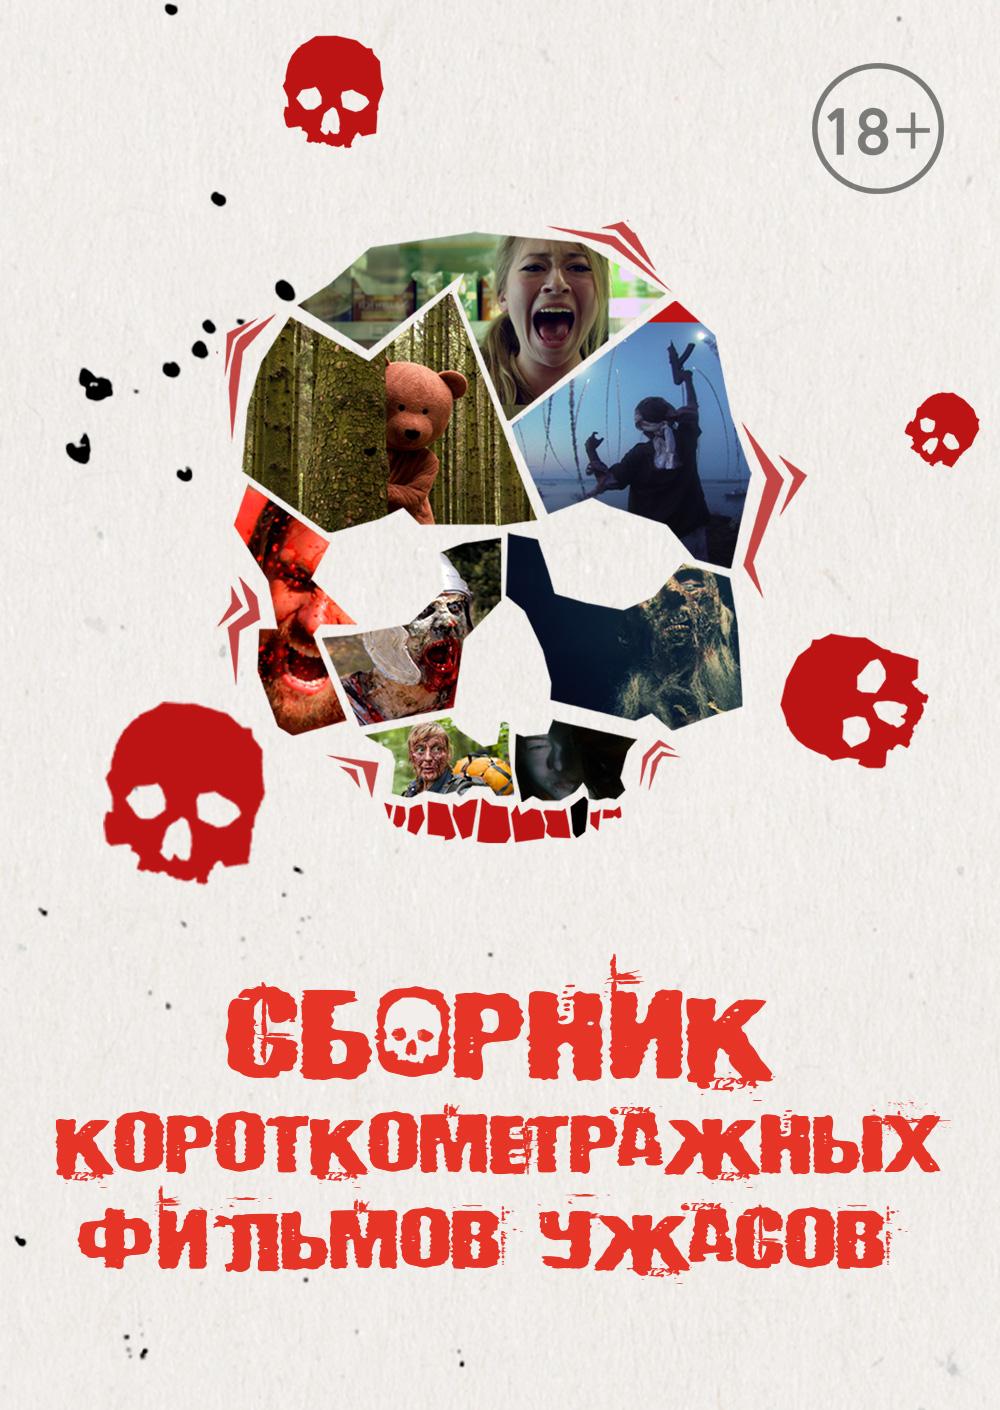 Сборник короткометражных фильмов ужасов